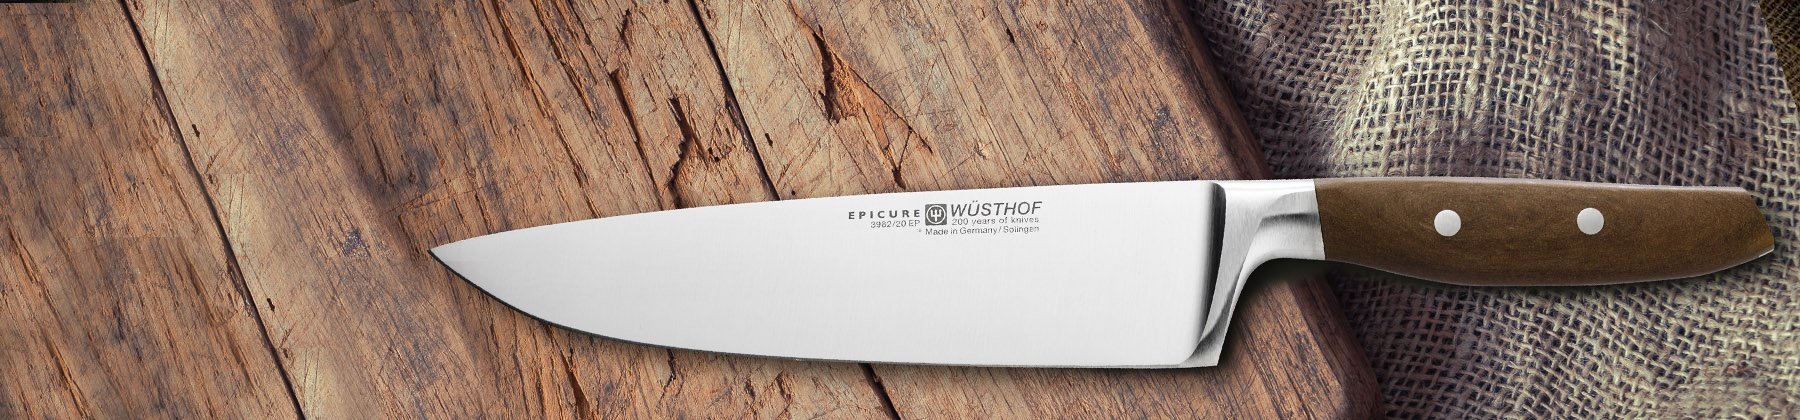 Photo of Wusthof epicutre knife.